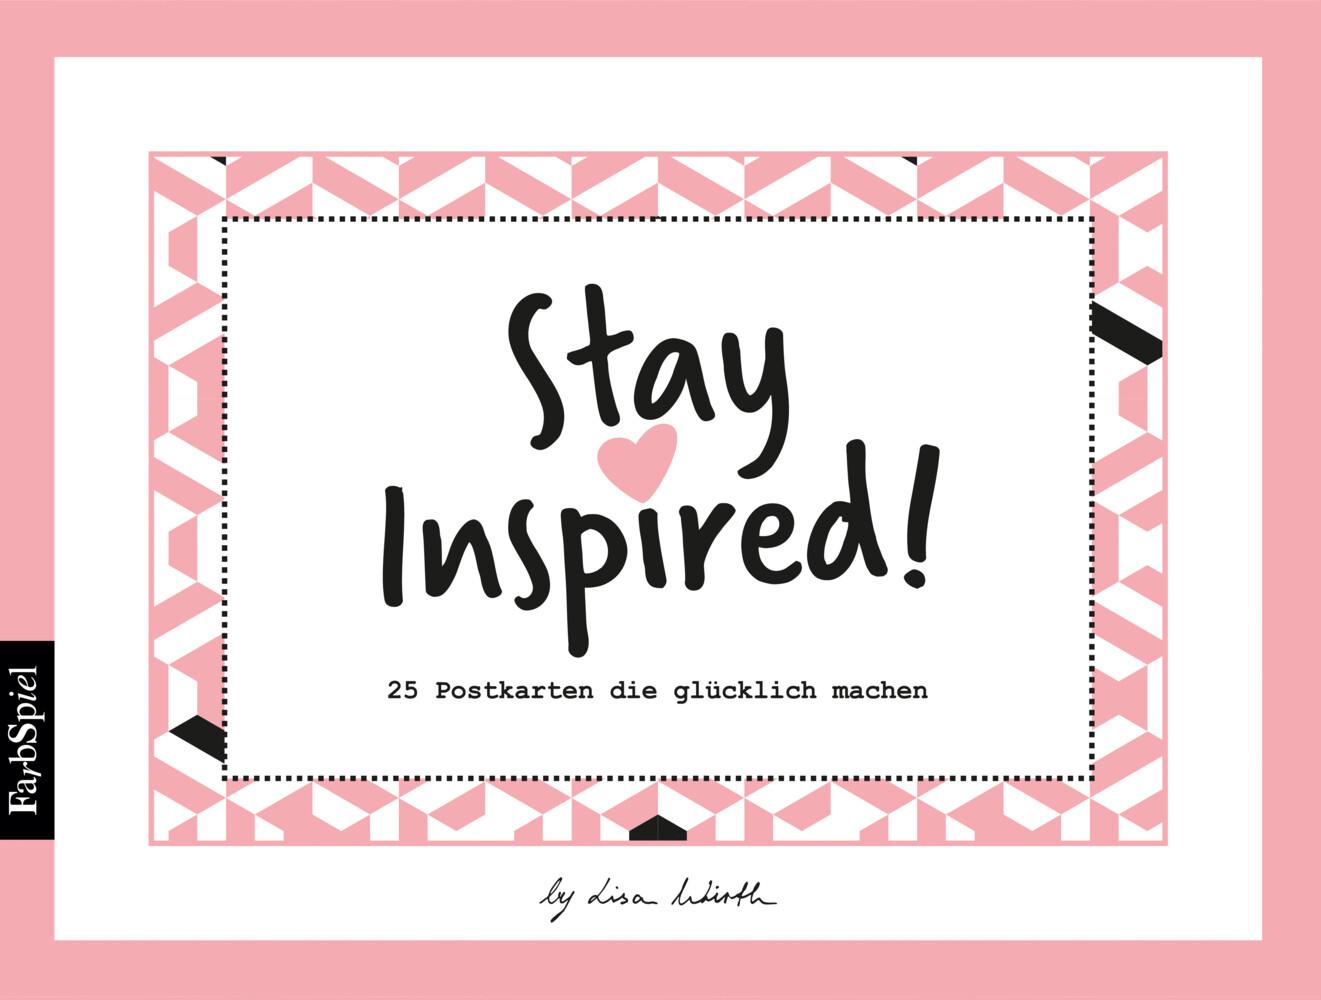 Postkarten Sprüche - Postkarten Set mit 25 hochwertigen versch. liebevollen Motiven und wunderschönen Sprüchen und Zitaten als Sonstiger Artikel